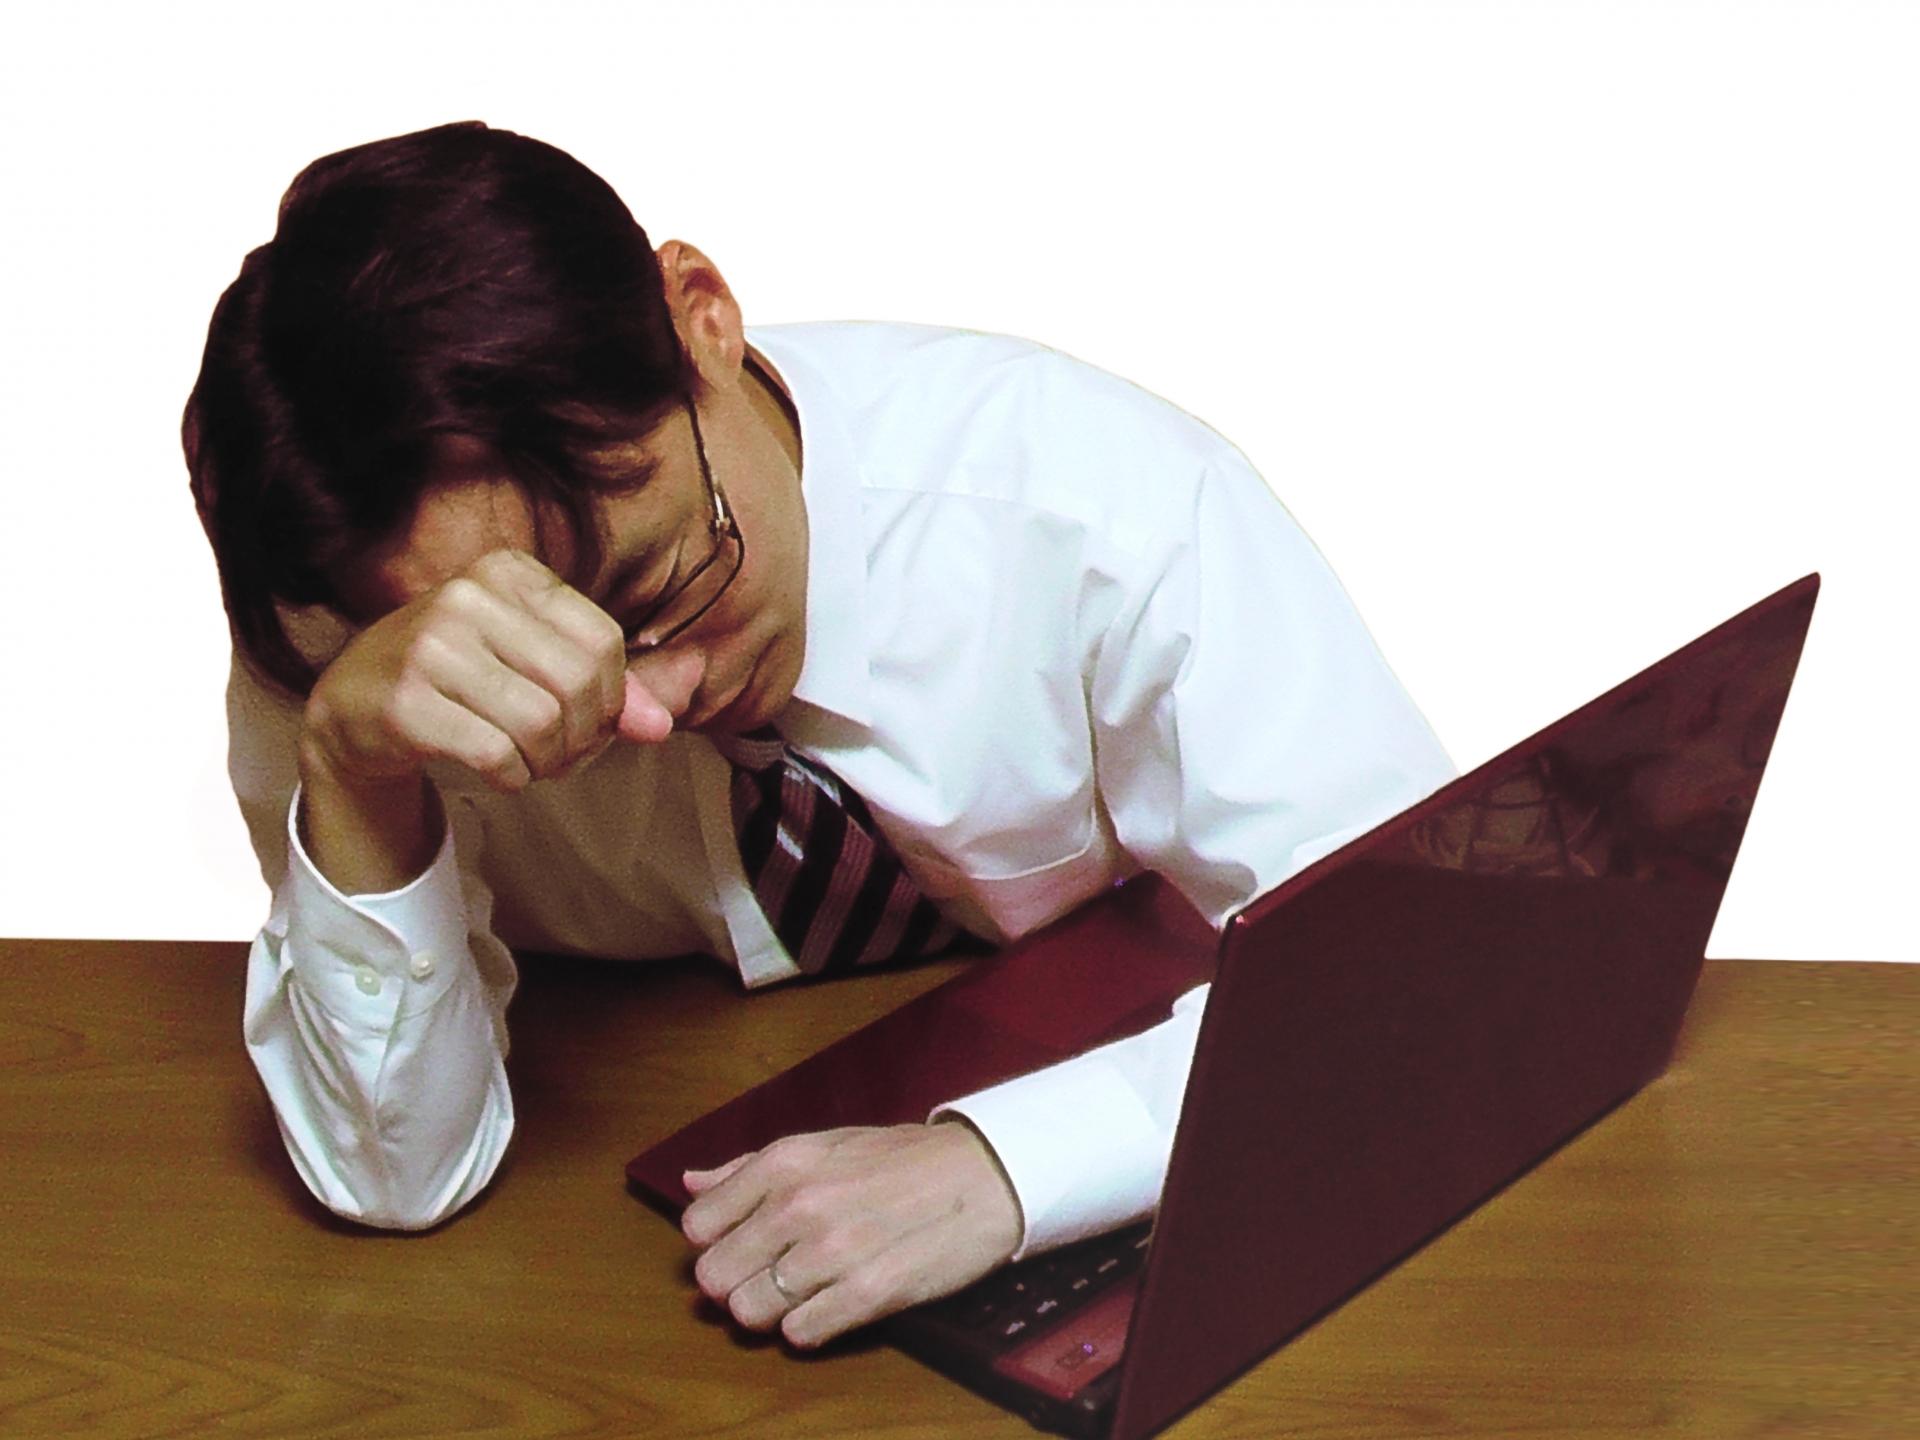 パソコンを前に頭が痛そうな男性